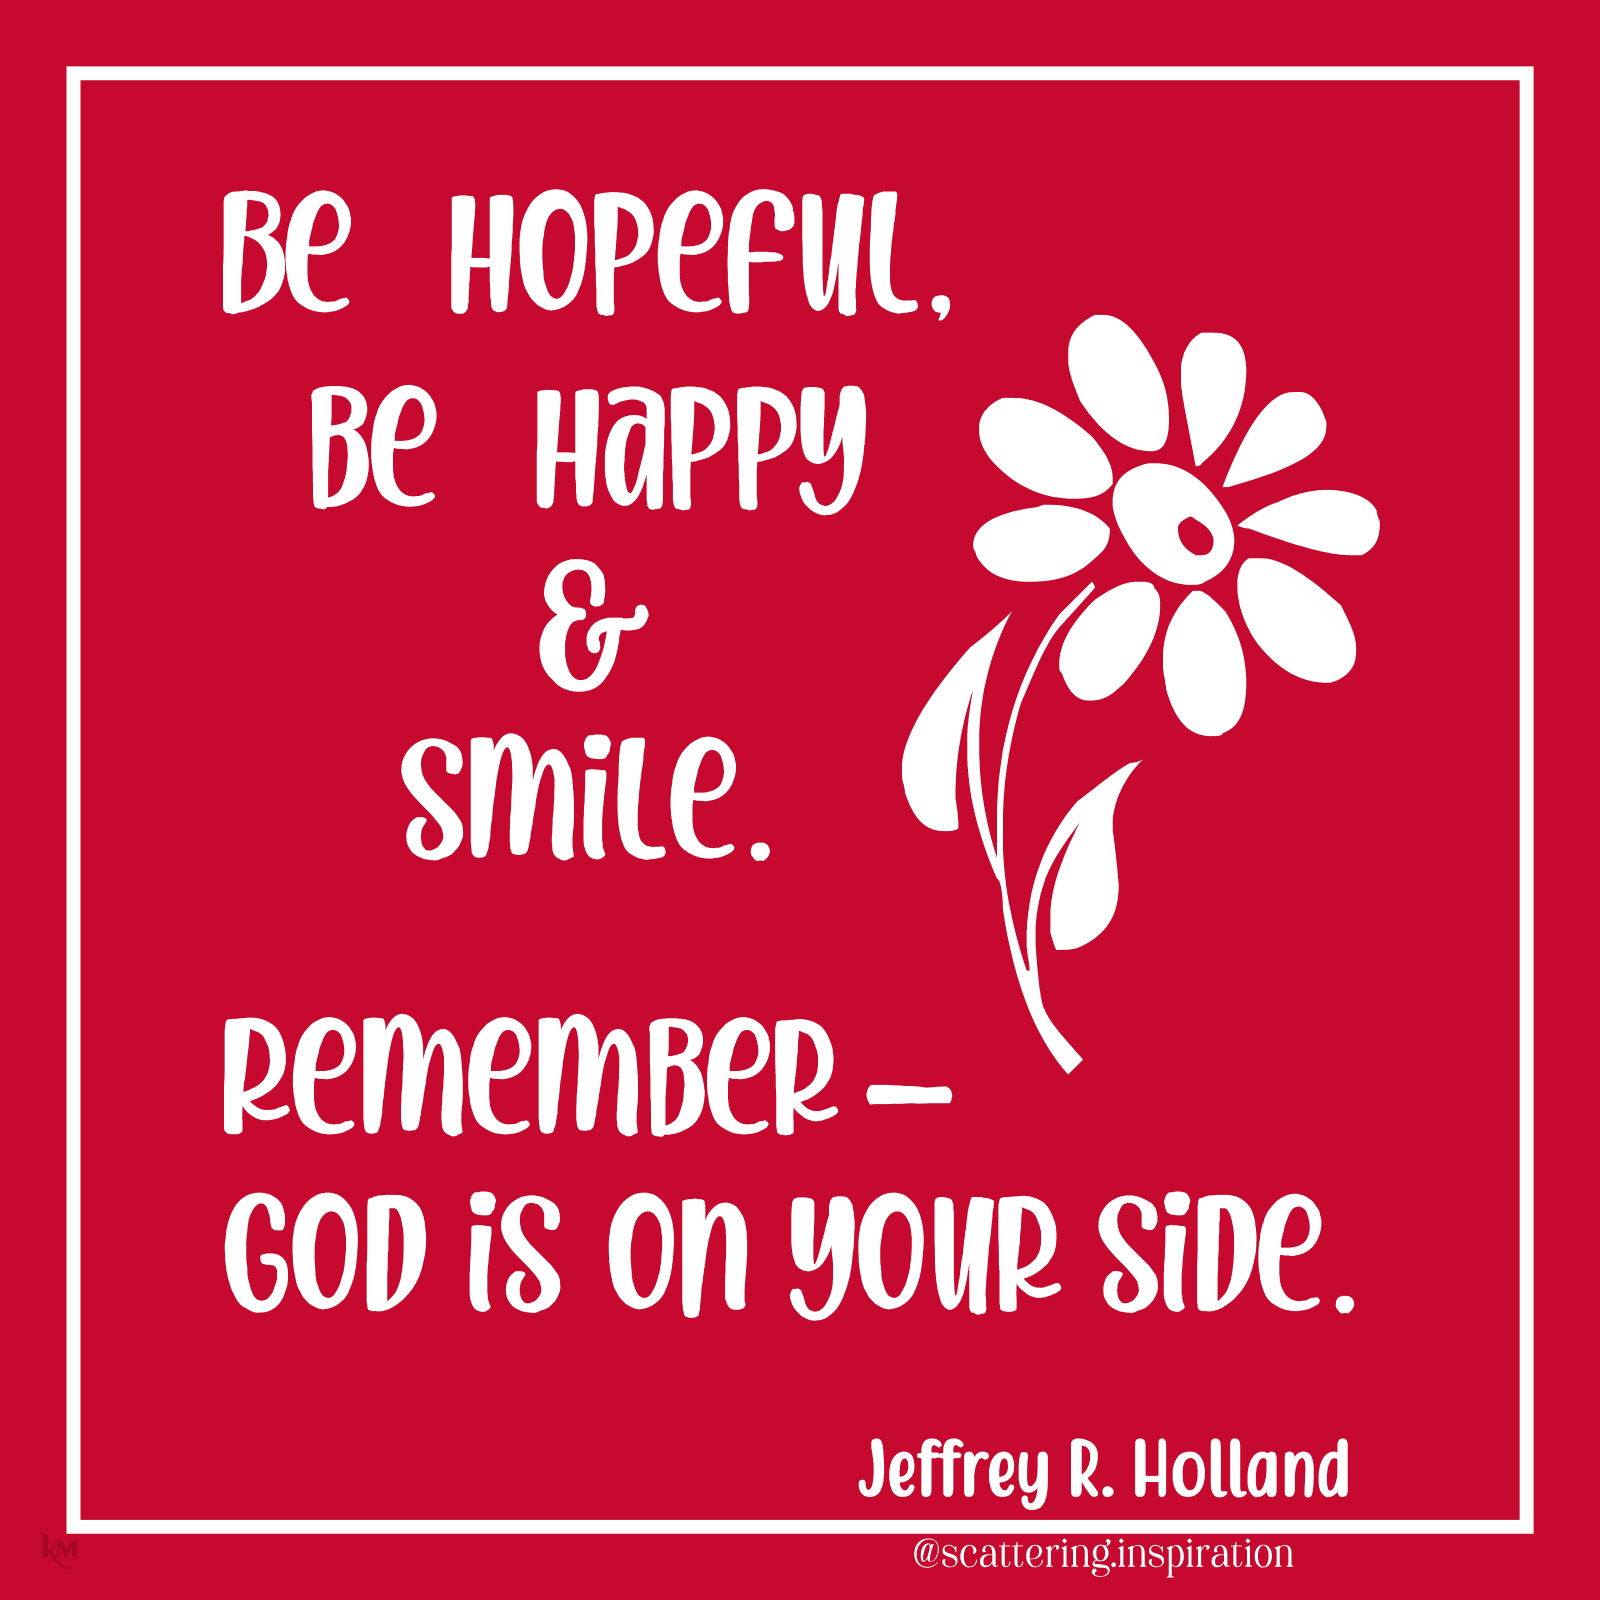 be hopeful happy smile